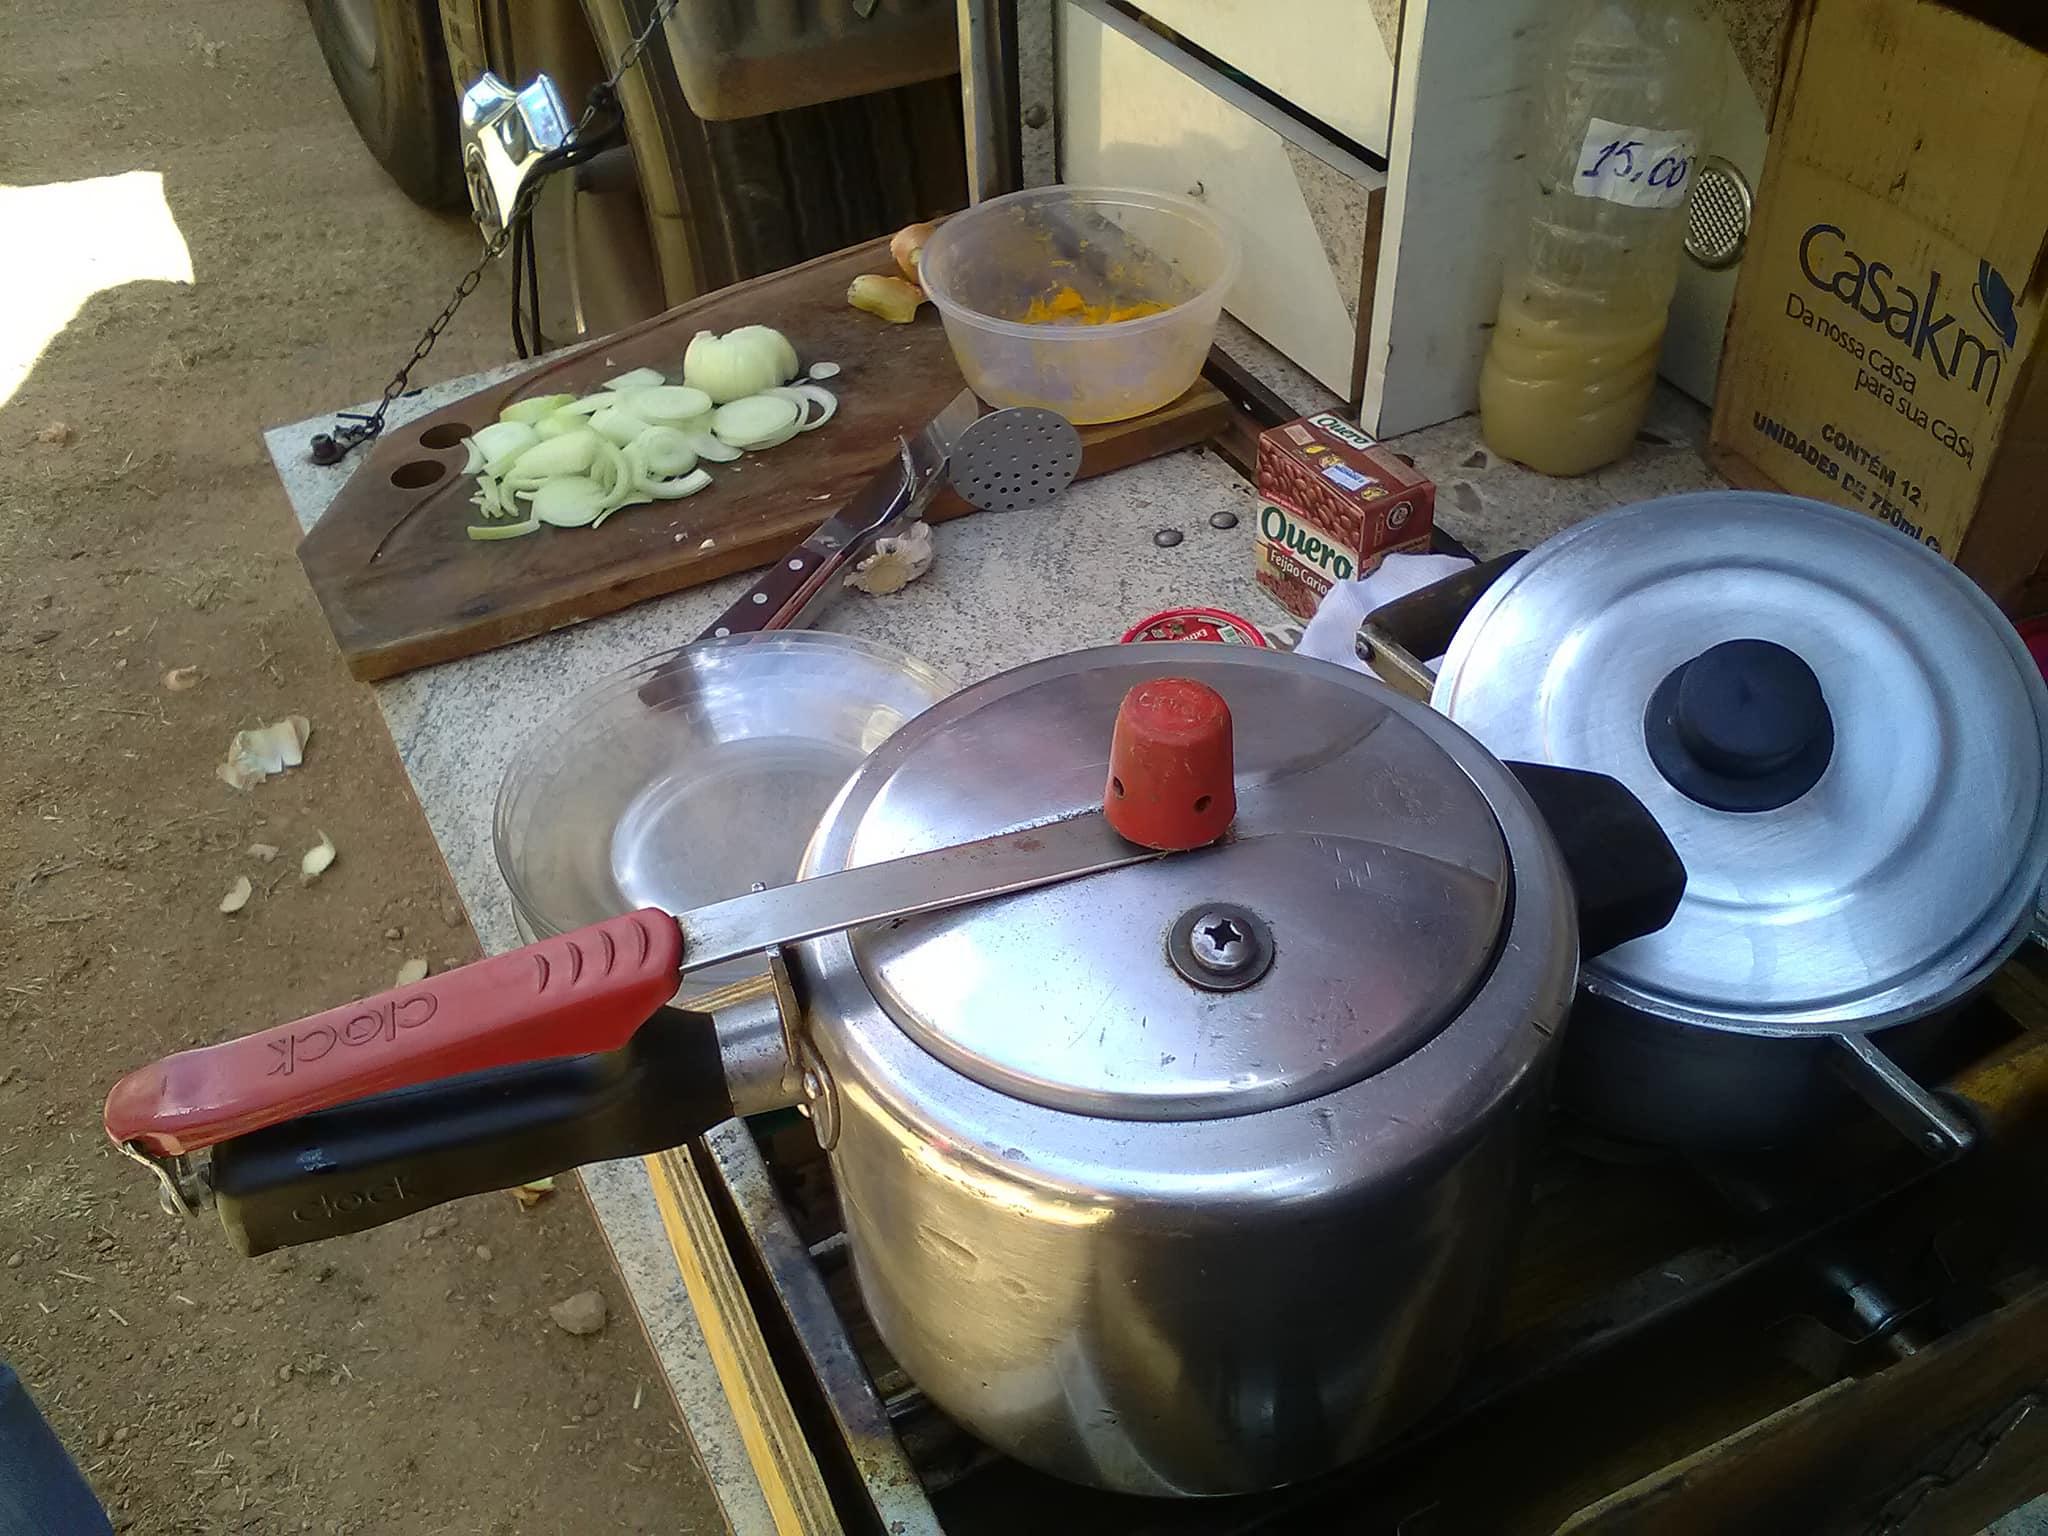 Onderweg-zelf-koken--met-fijne-andere-chauffeurs-1